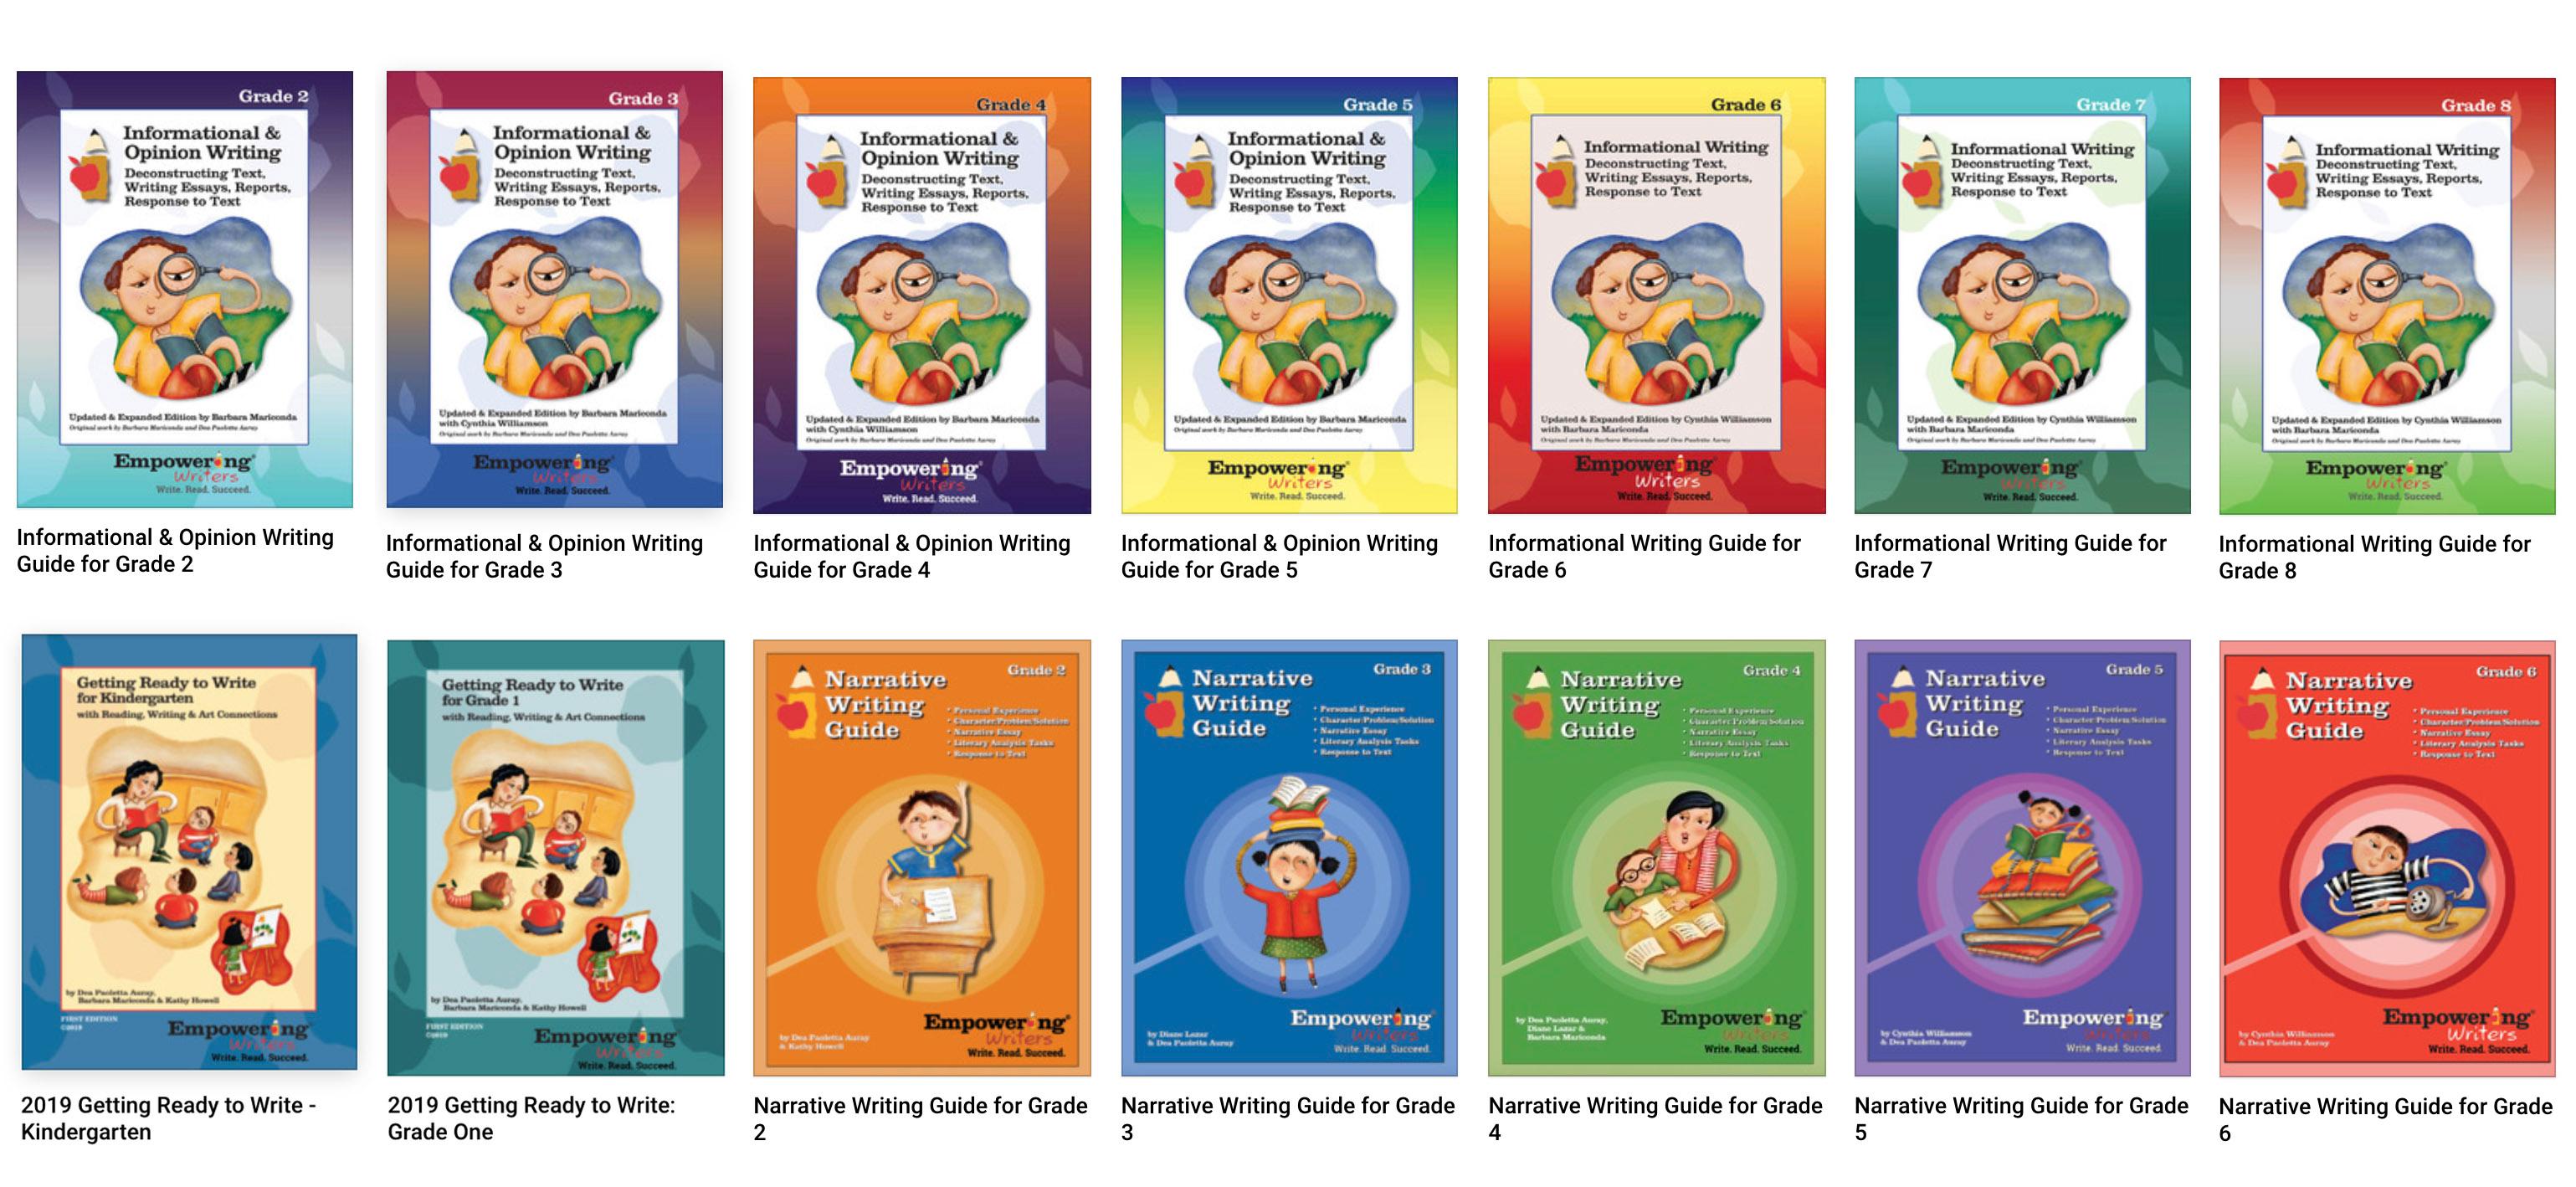 Digital Book Covers